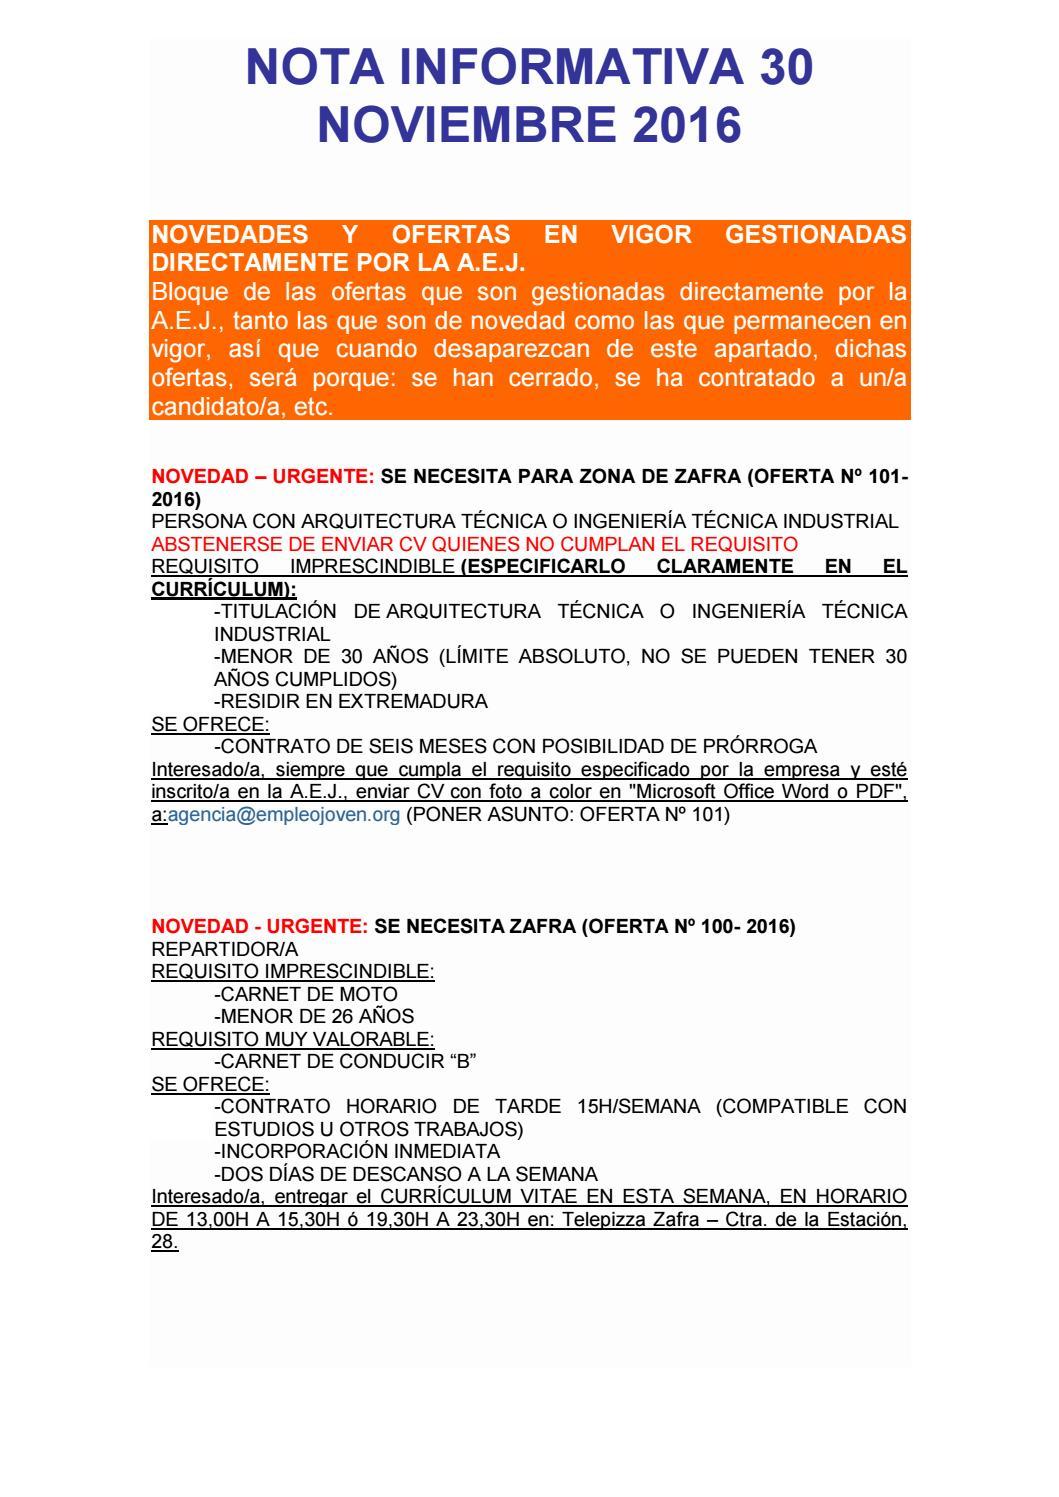 Nota informativa 30 noviembre 2016 by Segura Al Día - issuu